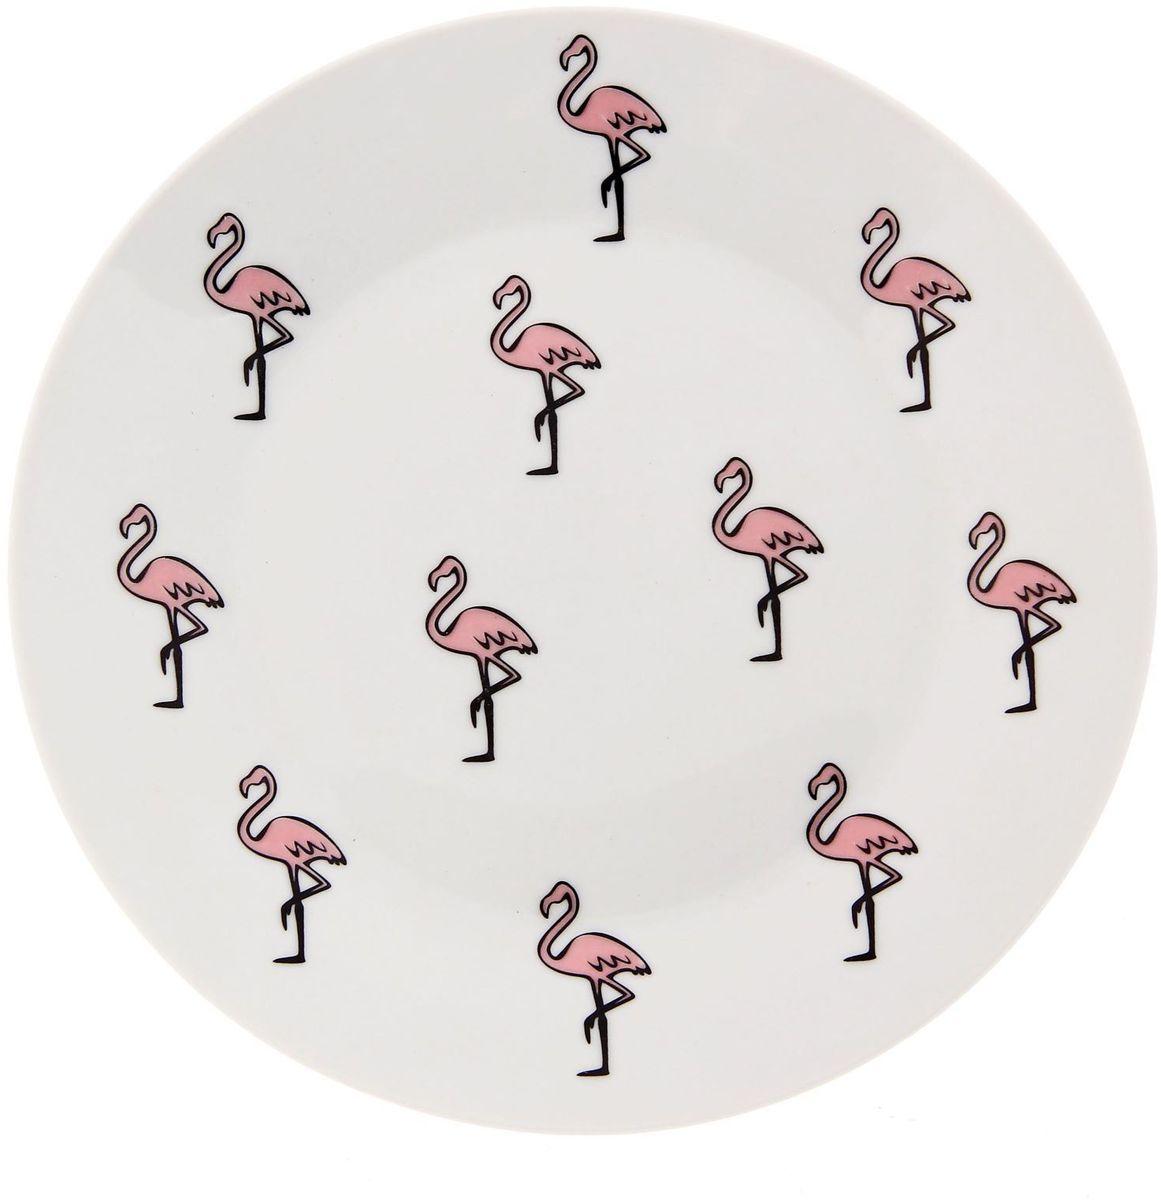 Тарелка мелкая Сотвори чудо Розовый фламинго, диаметр 20 см тарелка сотвори чудо киска диаметр 23 см